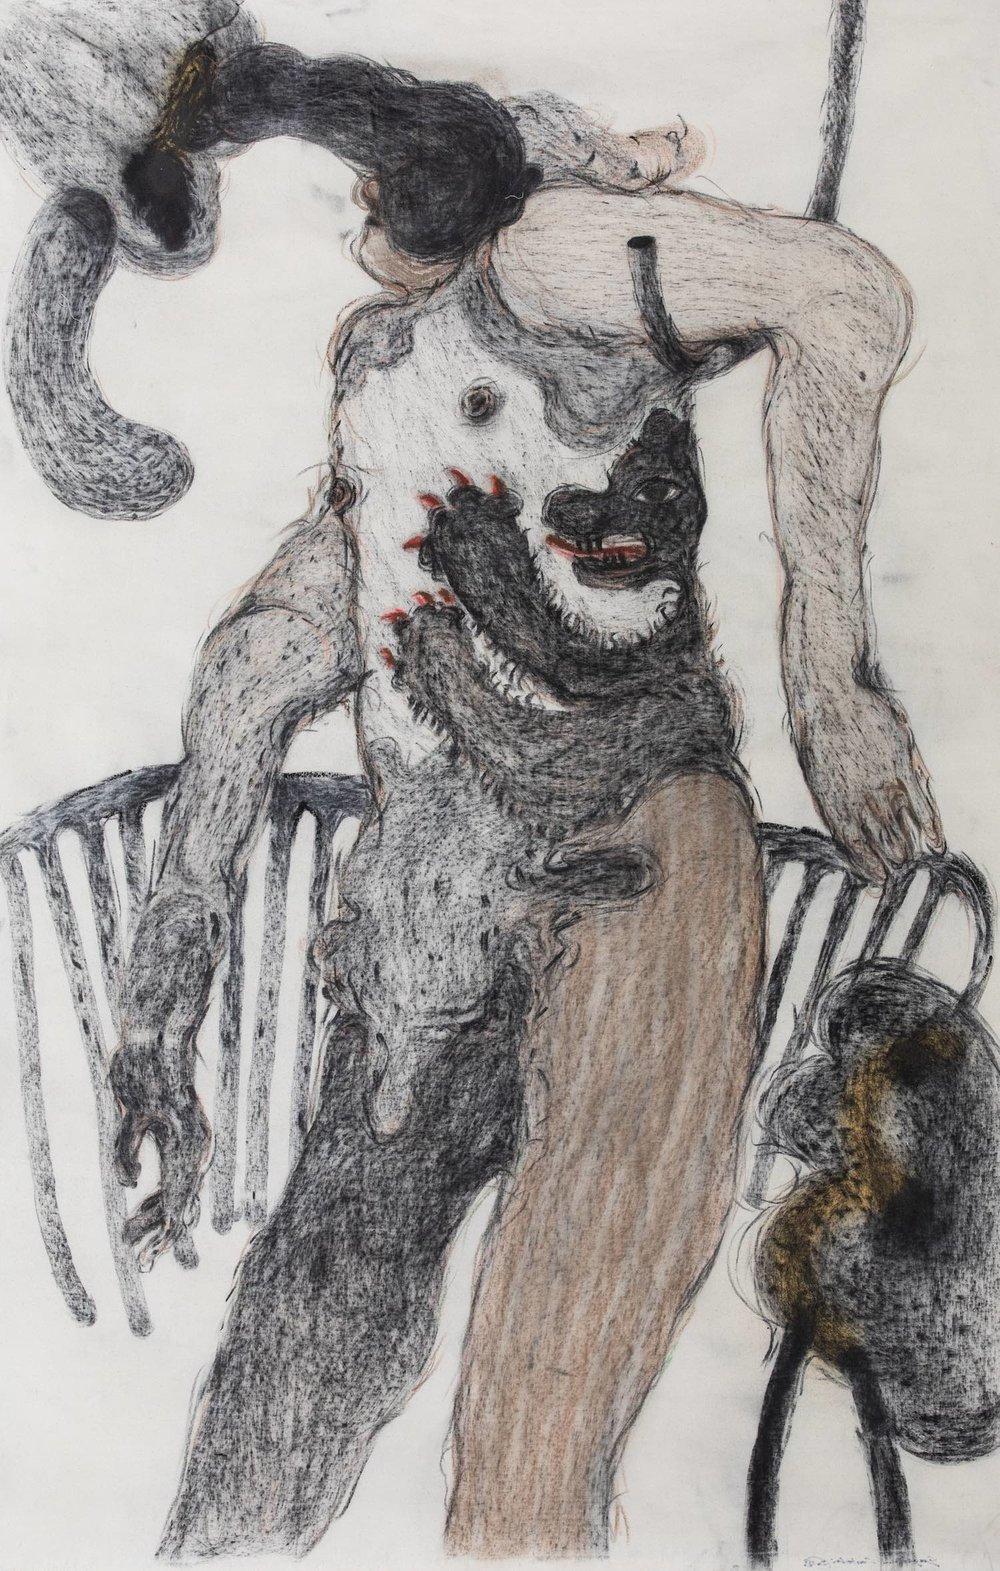 Guglielmo Castelli, 'Gli inizi che non coincidono con le storie', 2018, crayons on no-prepared canvas, 150 x 100cm. Image courtesy of Parkview Museum Singapore